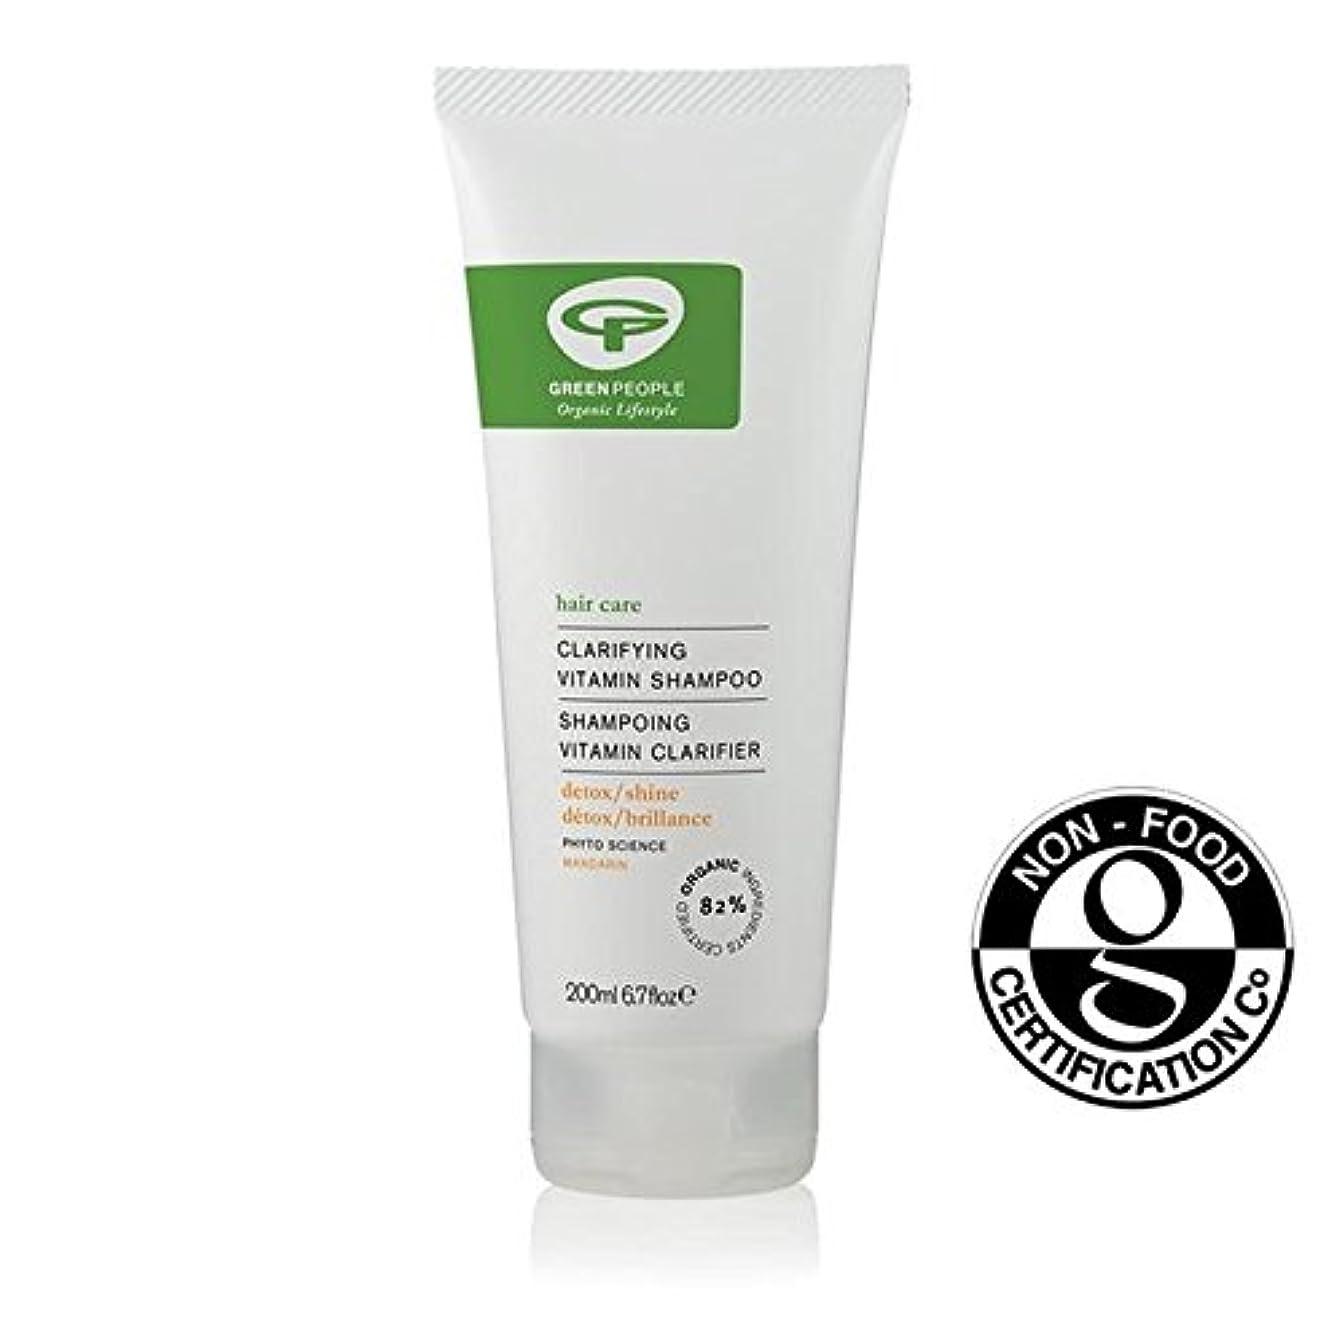 土砂降りピースブランドGreen People Organic Clarifying Vitamin Shampoo 200ml - 緑の人々の有機明確ビタミンシャンプー200ミリリットル [並行輸入品]